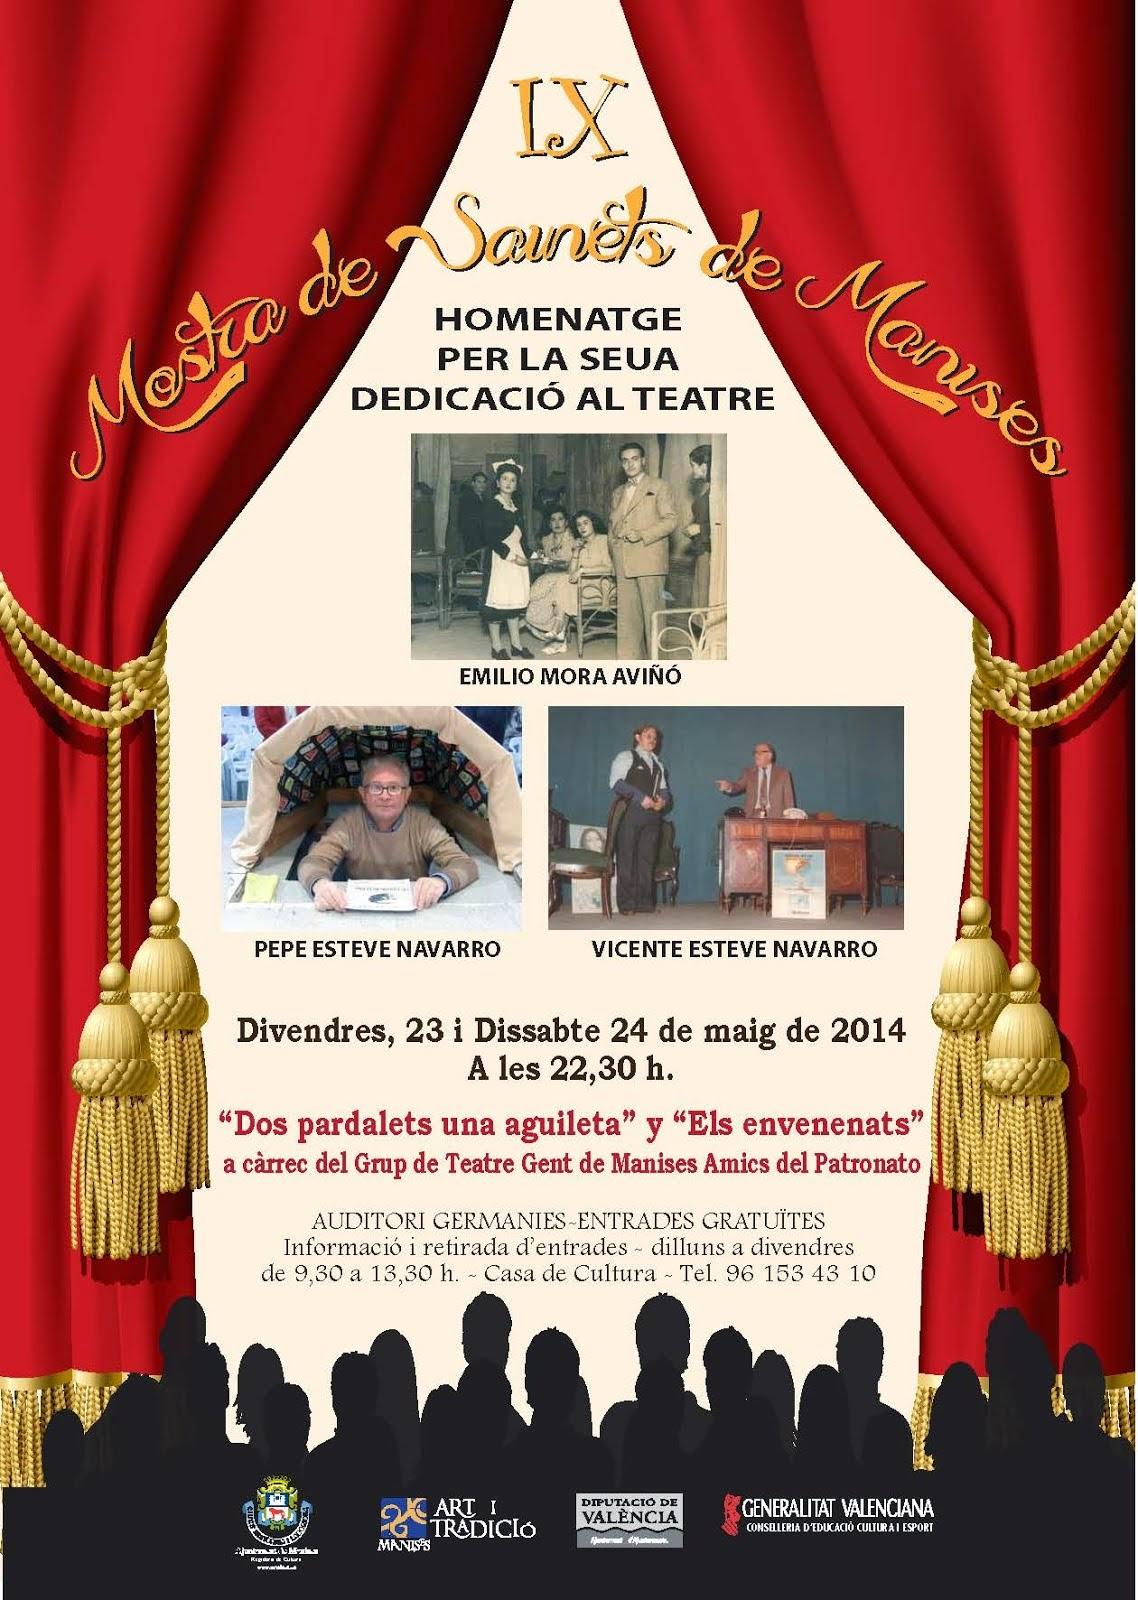 MOSTRA DE SAINETS MANISES, 23 DE MAIG 2014